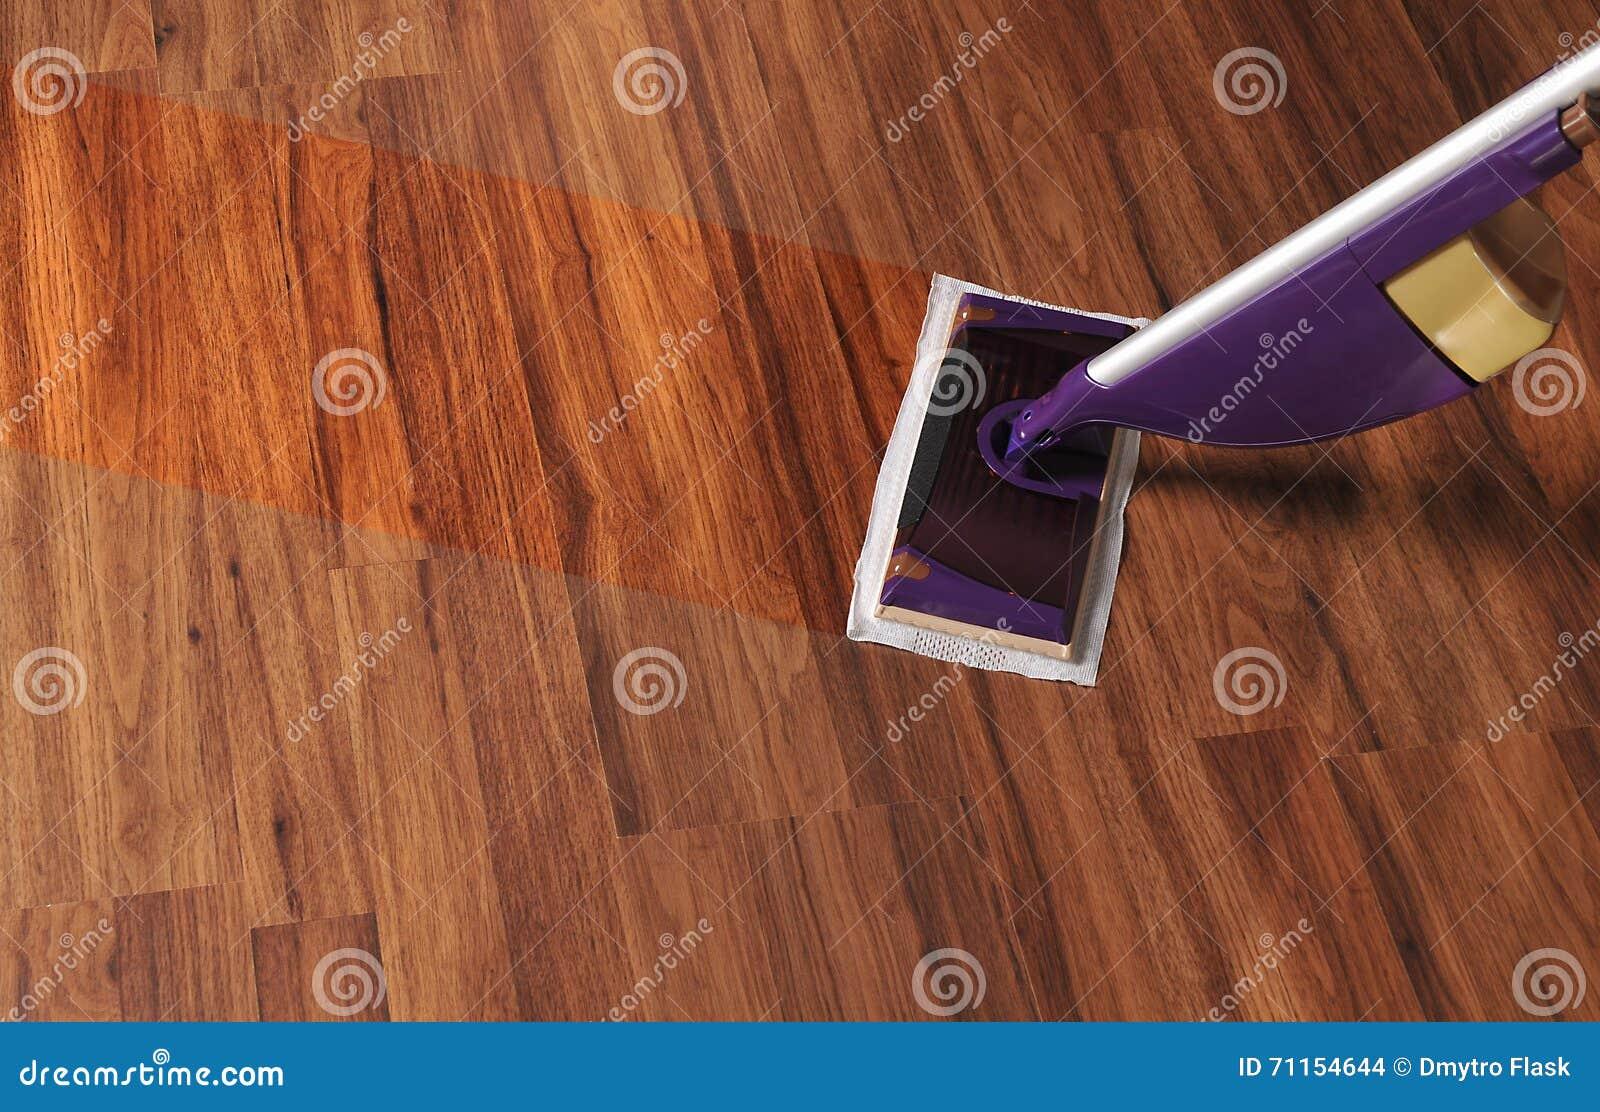 Como limpiar madera elegant cmo limpiar muebles de madera con aceite de limn with como limpiar - Como limpiar los muebles de madera ...